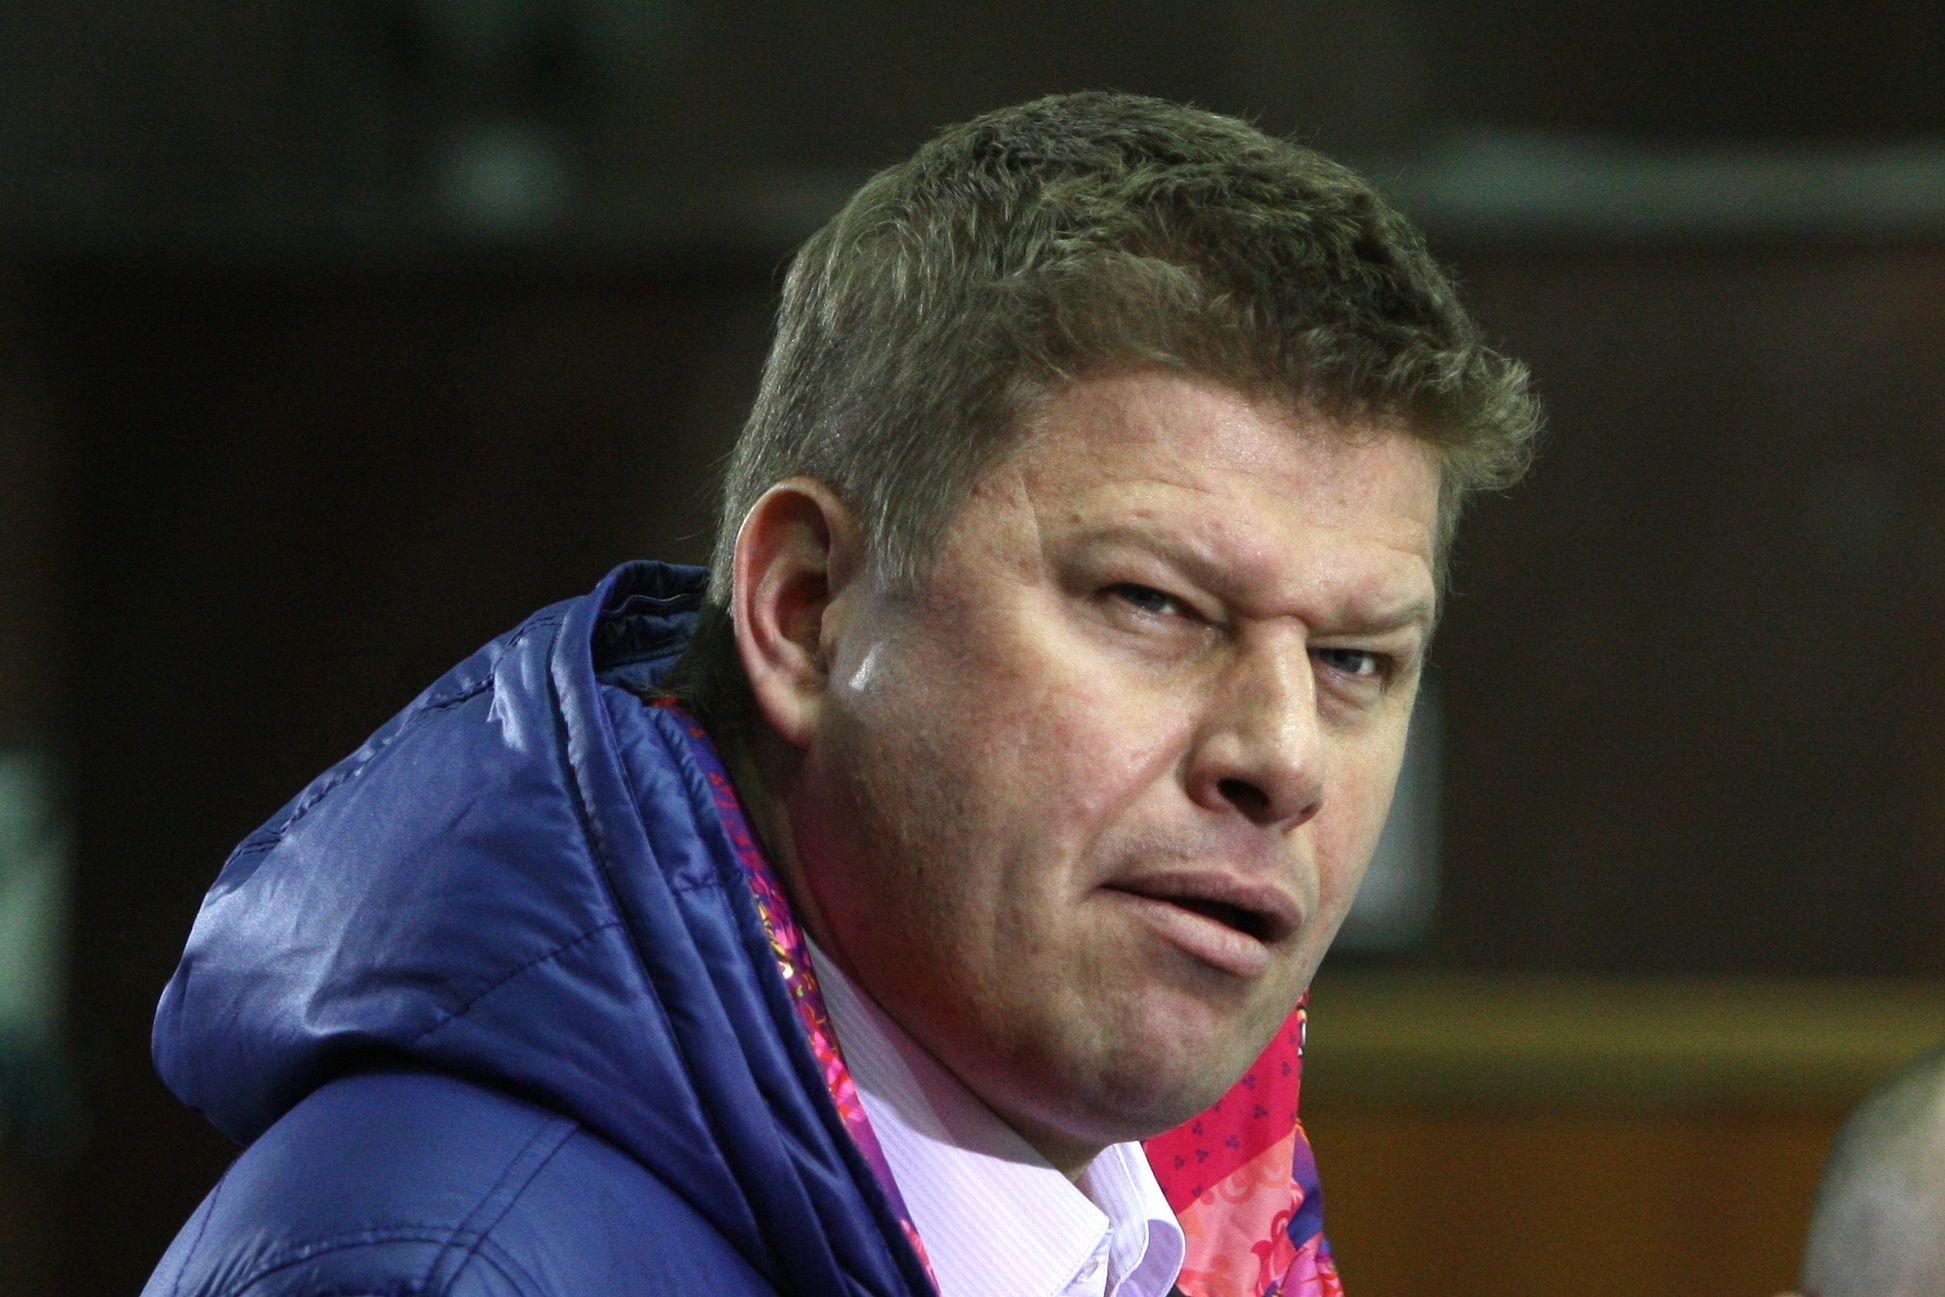 Губерниев - о сборной России по биатлону: 'Нужно делать серьёзную работу, чтобы мы стали командой'